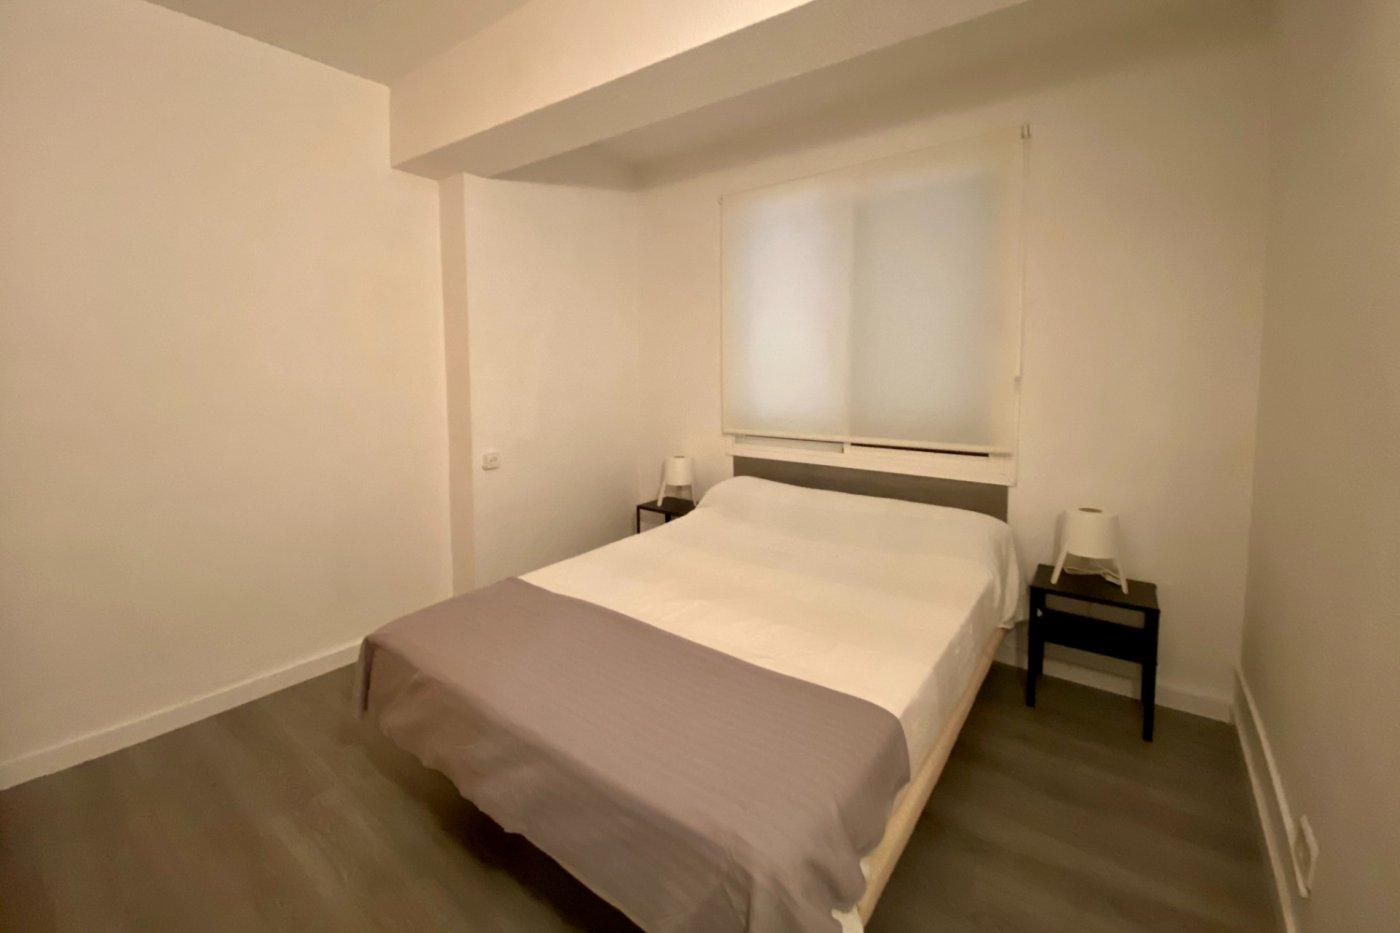 Primer piso de 49 m² de superficie (con ascensor) en la zona de porto pí, palma de mallorc - imagenInmueble3